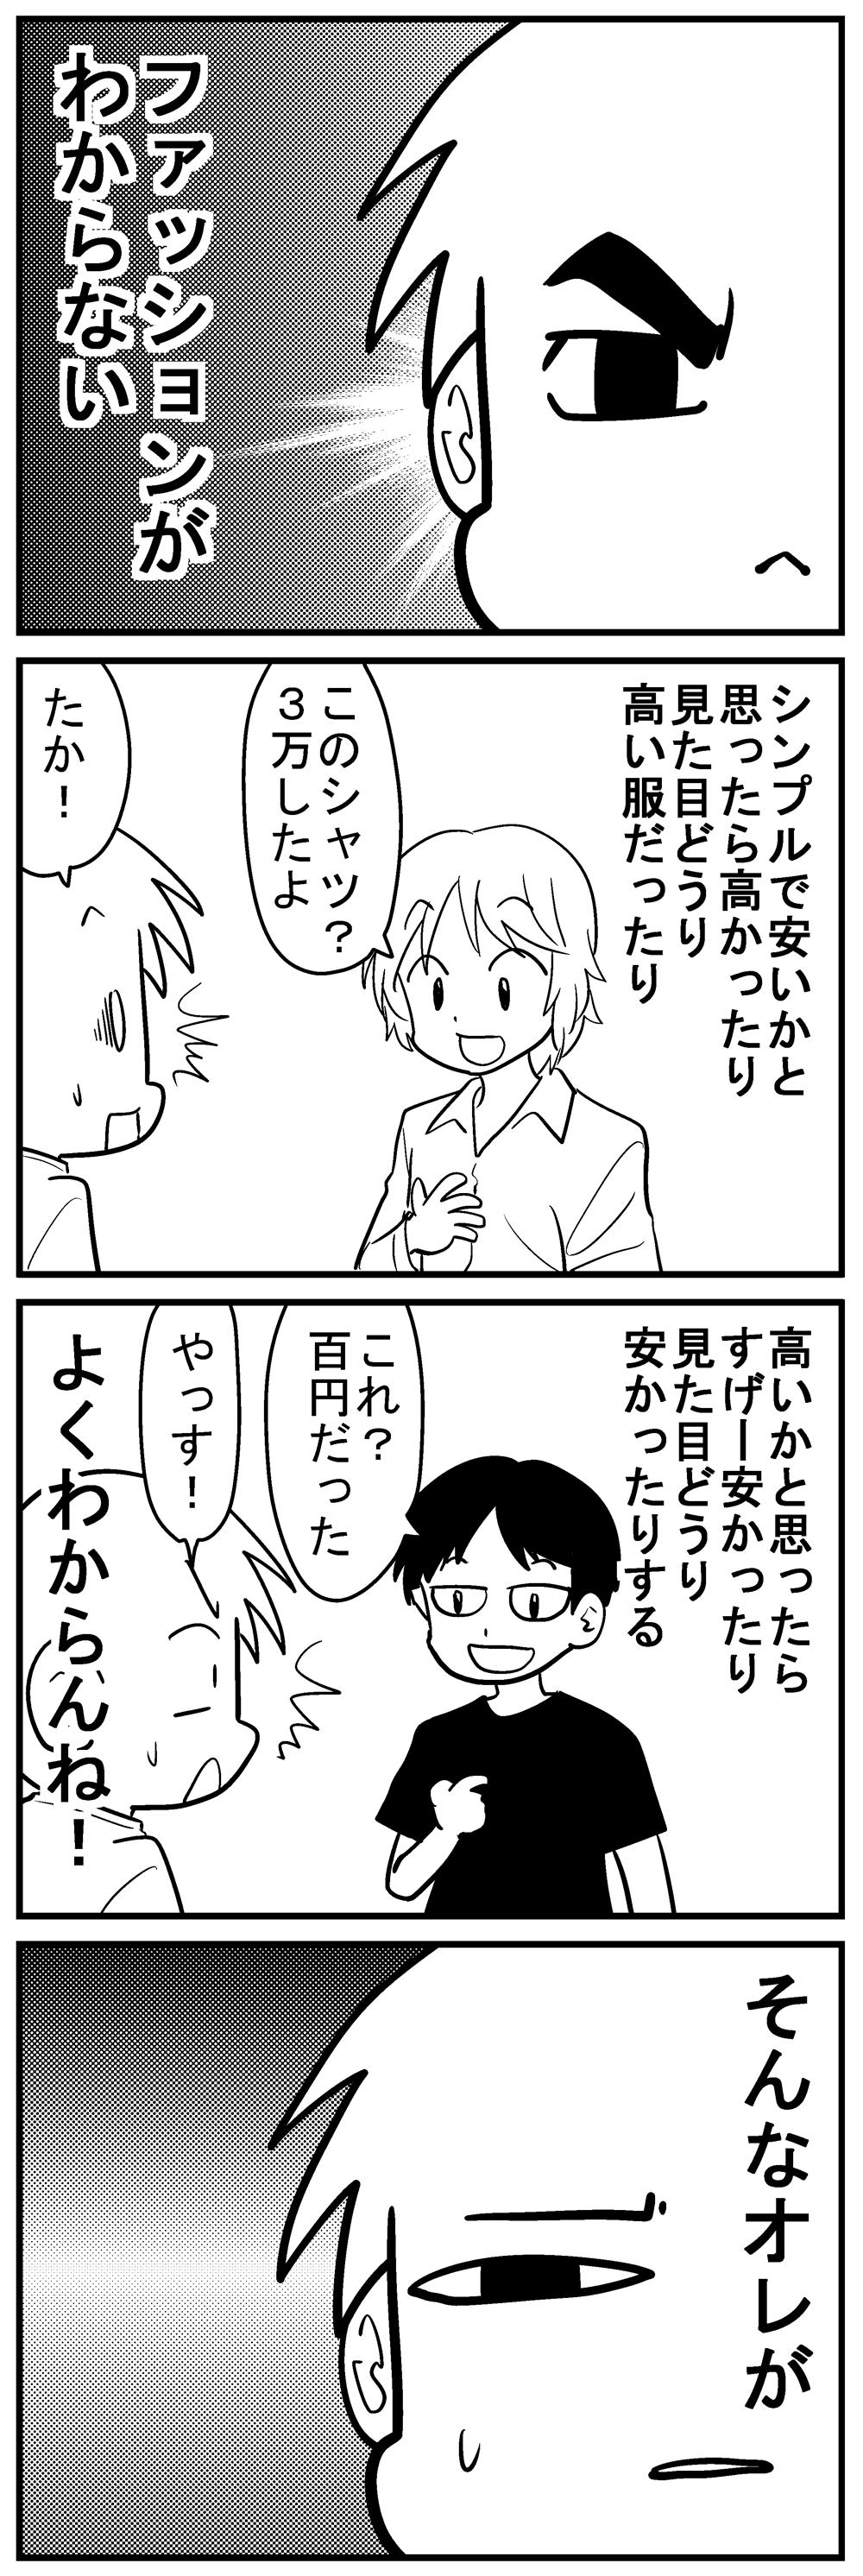 深読みくん88-1